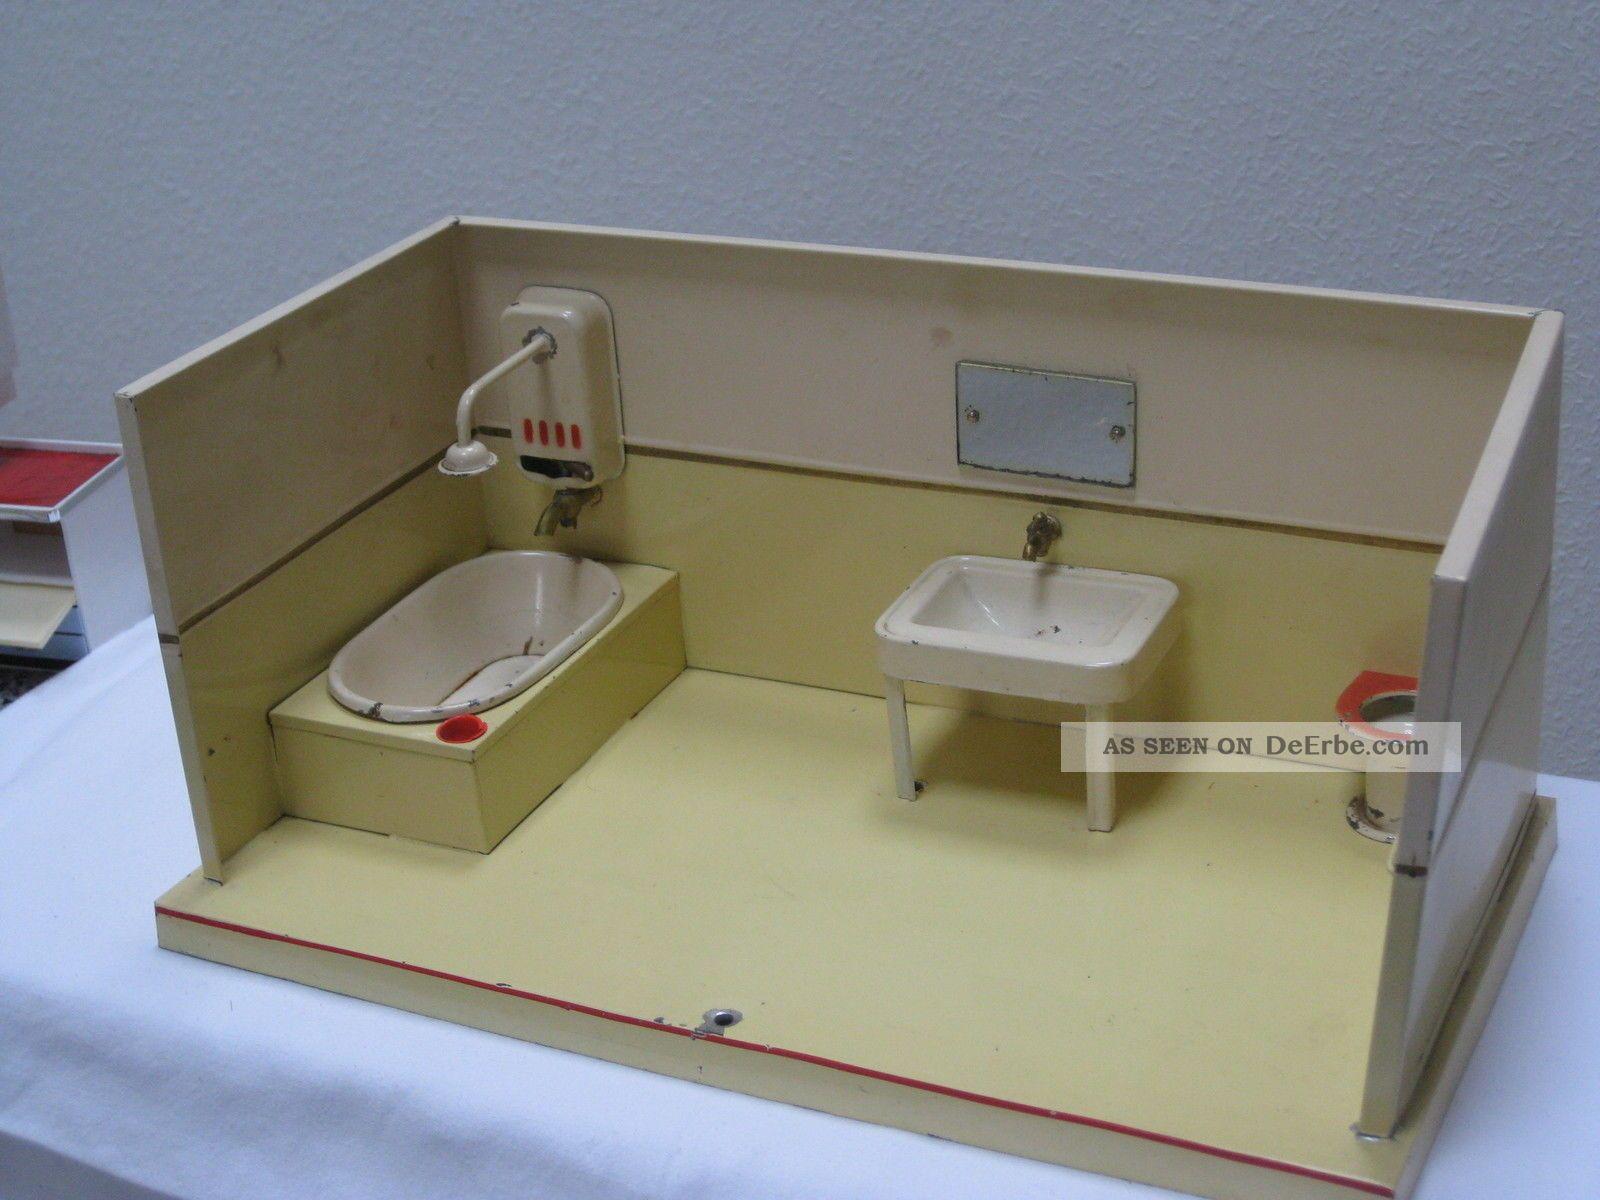 antikspielzeug - puppen & zubehör - puppenstuben & -häuser, Badezimmer ideen